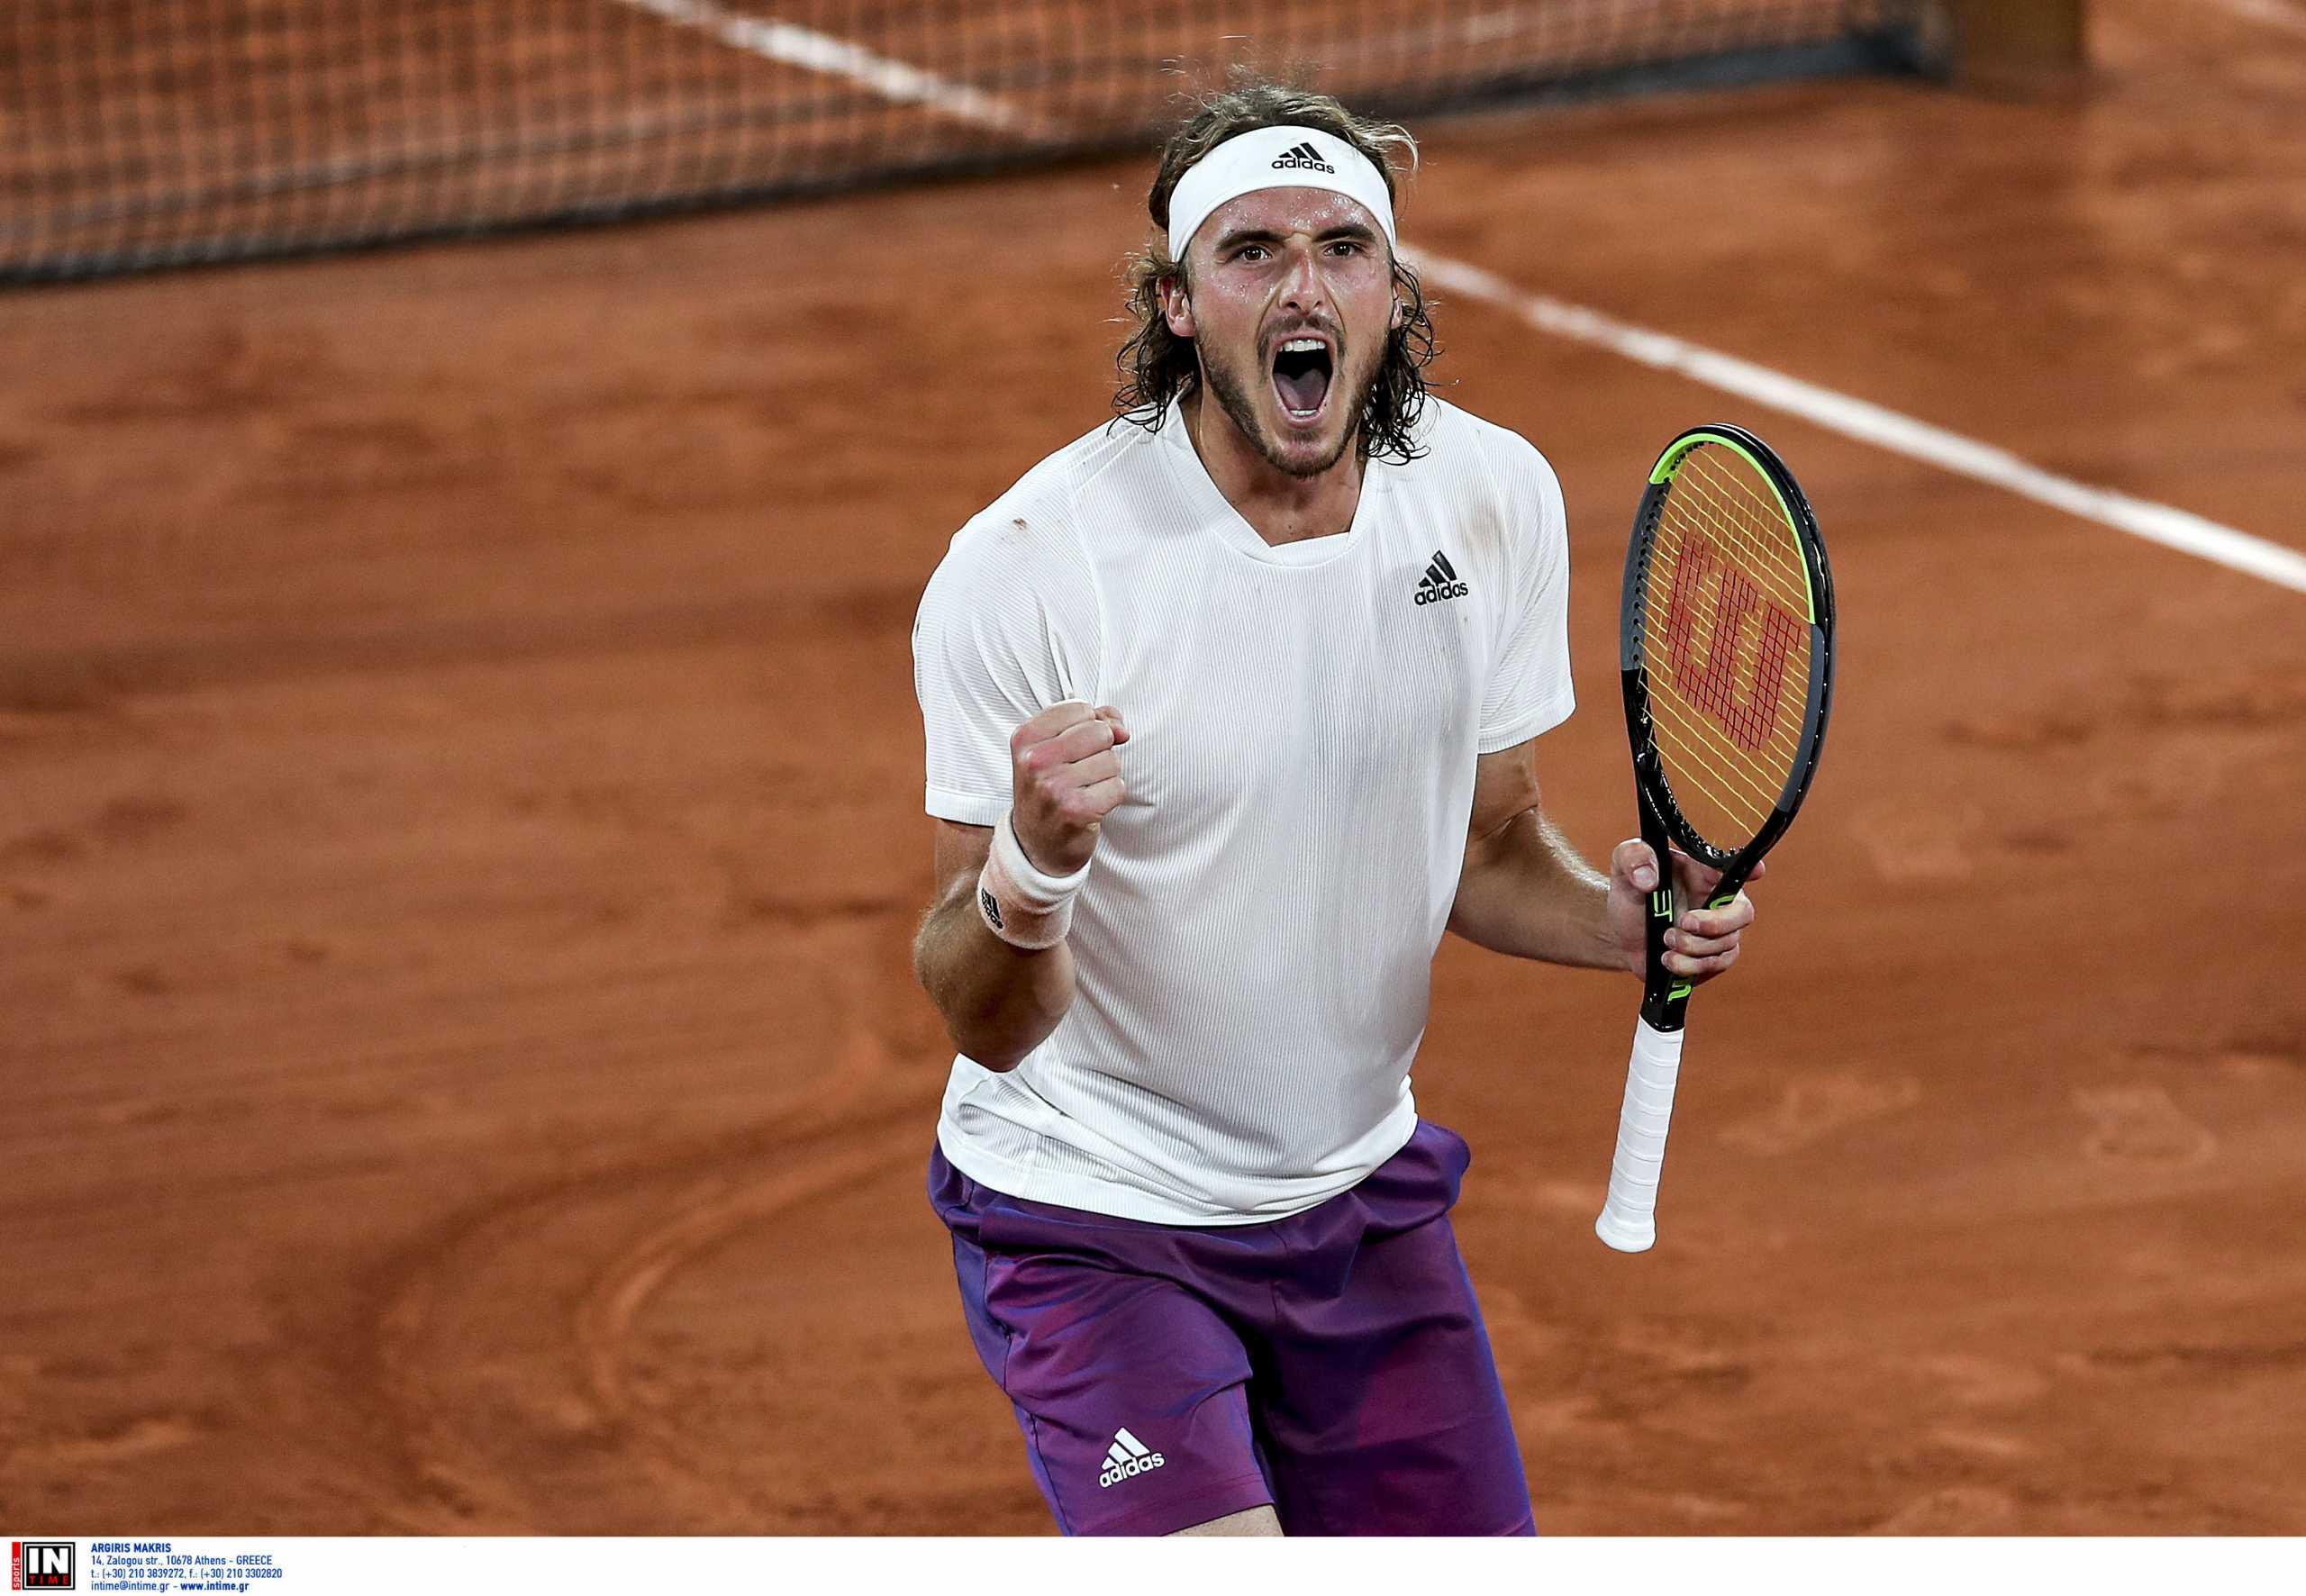 Τσιτσιπάς: Ο αδερφός του μιλά για την πορεία του Στέφανου στο Roland Garros – «Μπορεί και τελικό»